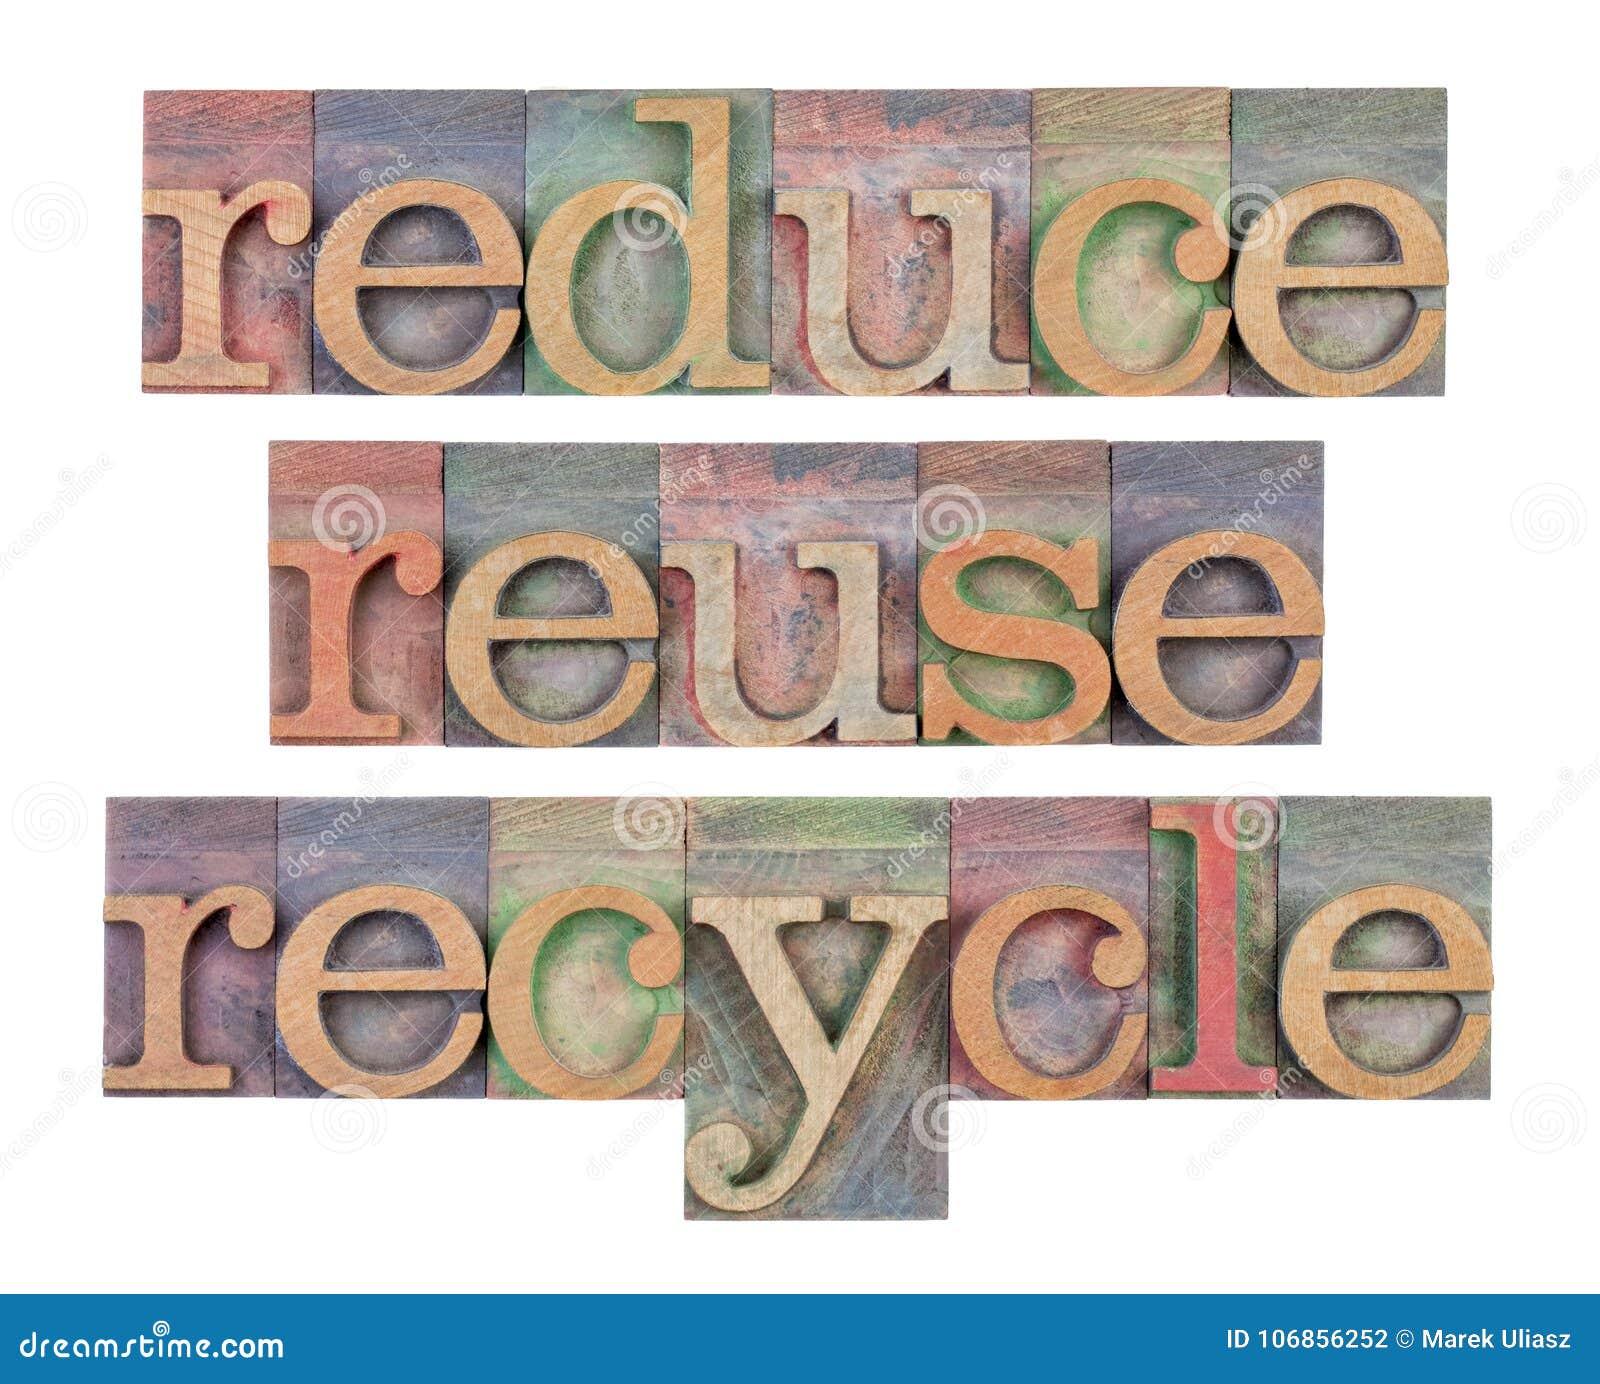 Reduza, reúso e recicl - a conservação do recurso